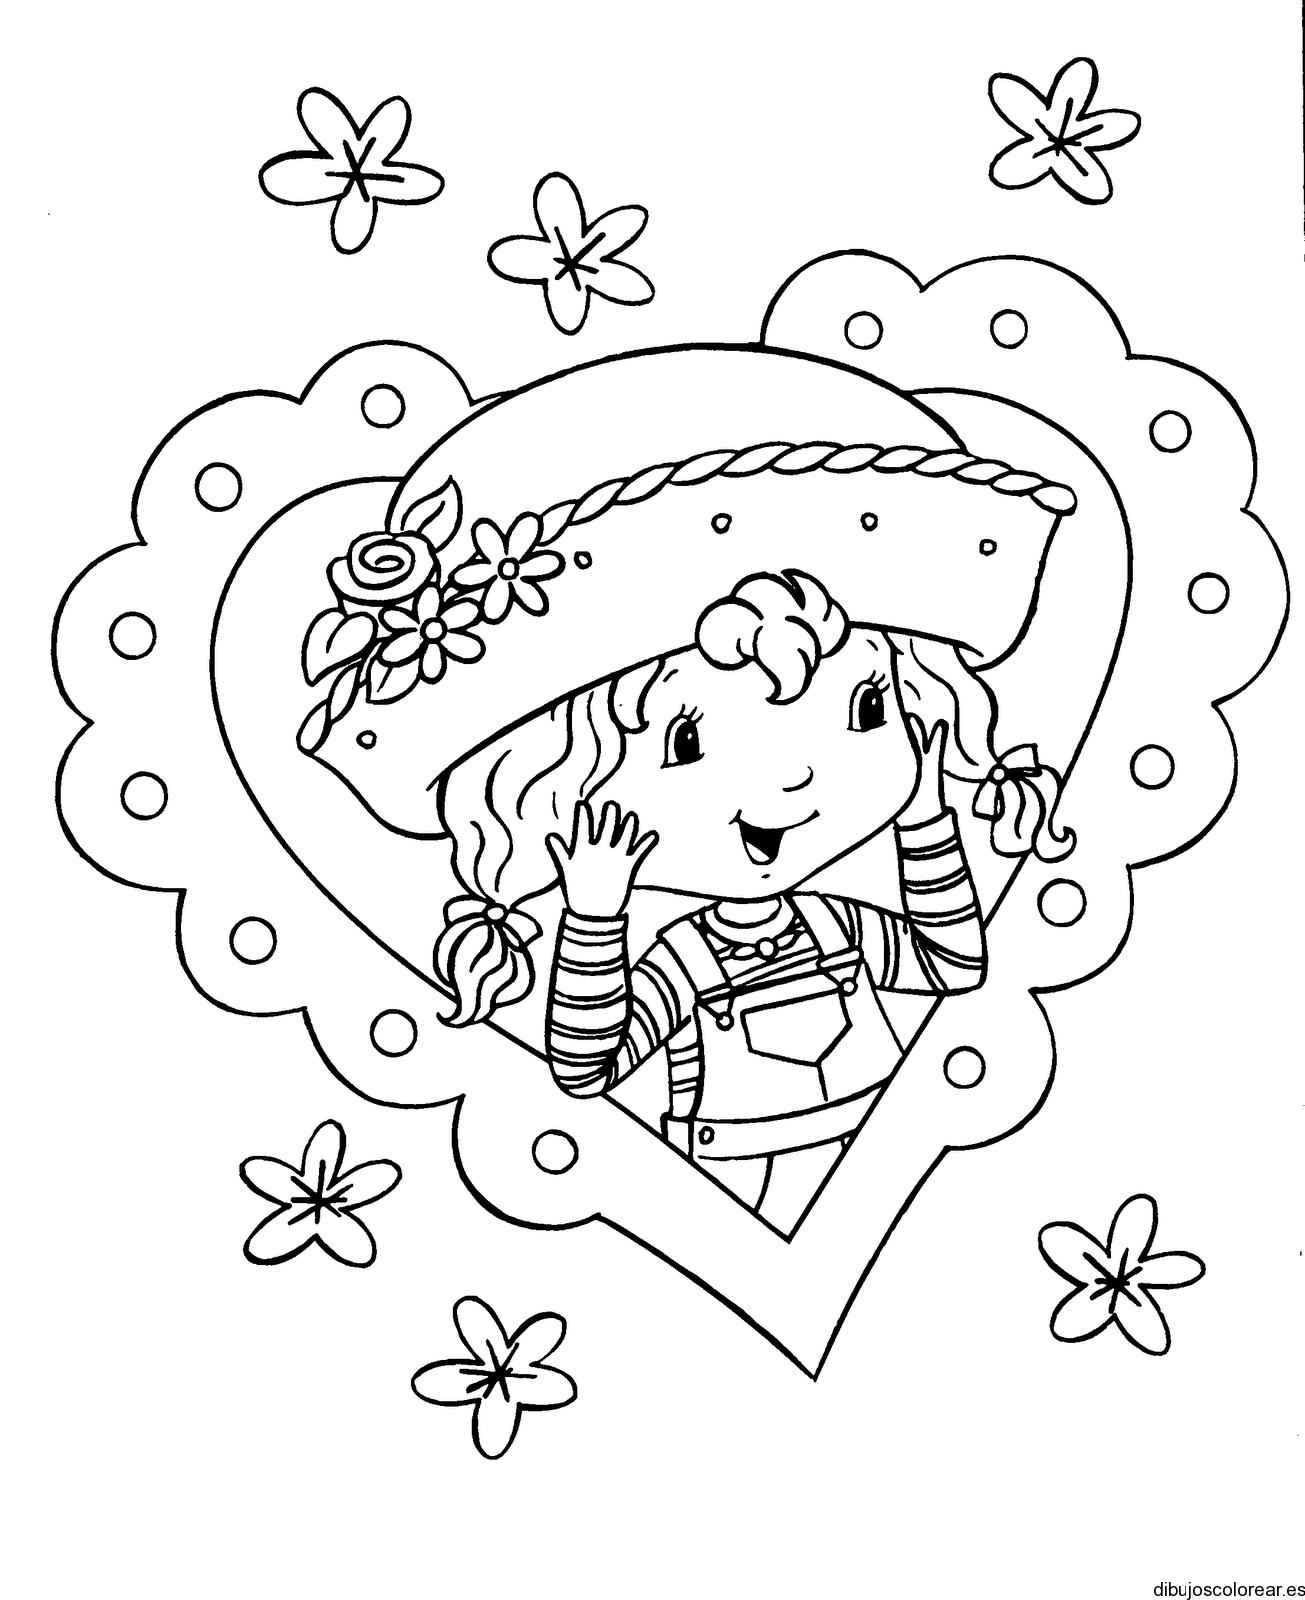 Dibujo de corazón con dos rosas dentro